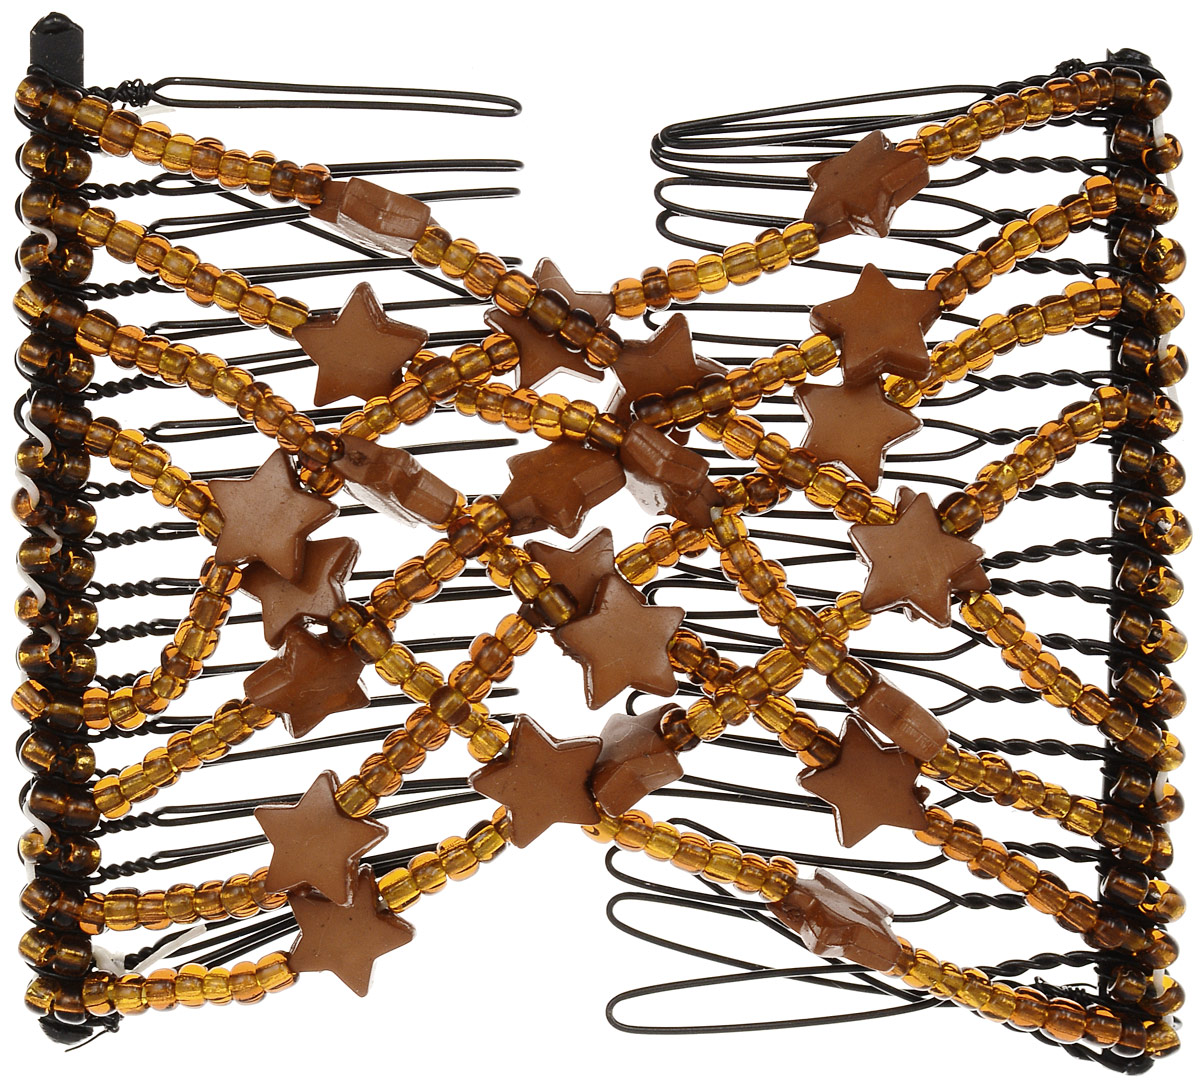 EZ-Combs Заколка Изи-Комбс, одинарная, цвет: коричневый. ЗИО_звездыЗИО_коричневый, звездыУдобная и практичная EZ-Combs подходит для любого типа волос: тонких, жестких, вьющихся или прямых, и не наносит им никакого вреда. Заколка не мешает движениям головы и не создает дискомфорта, когда вы отдыхаете или управляете автомобилем. Каждый гребень имеет по 20 зубьев для надежной фиксации заколки на волосах! И даже во время бега и интенсивных тренировок в спортзале EZ-Combs не падает; она прочно фиксирует прическу, сохраняя укладку в первозданном виде.Небольшая и легкая заколка для волос EZ-Combs поместится в любой дамской сумочке, позволяя быстро и без особых усилий создавать неповторимые прически там, где вам это удобно. Гребень прекрасно сочетается с любой одеждой: будь это классический или спортивный стиль, завершая гармоничный облик современной леди. И неважно, какой образ жизни вы ведете, если у вас есть EZ-Combs, вы всегда будете выглядеть потрясающе.